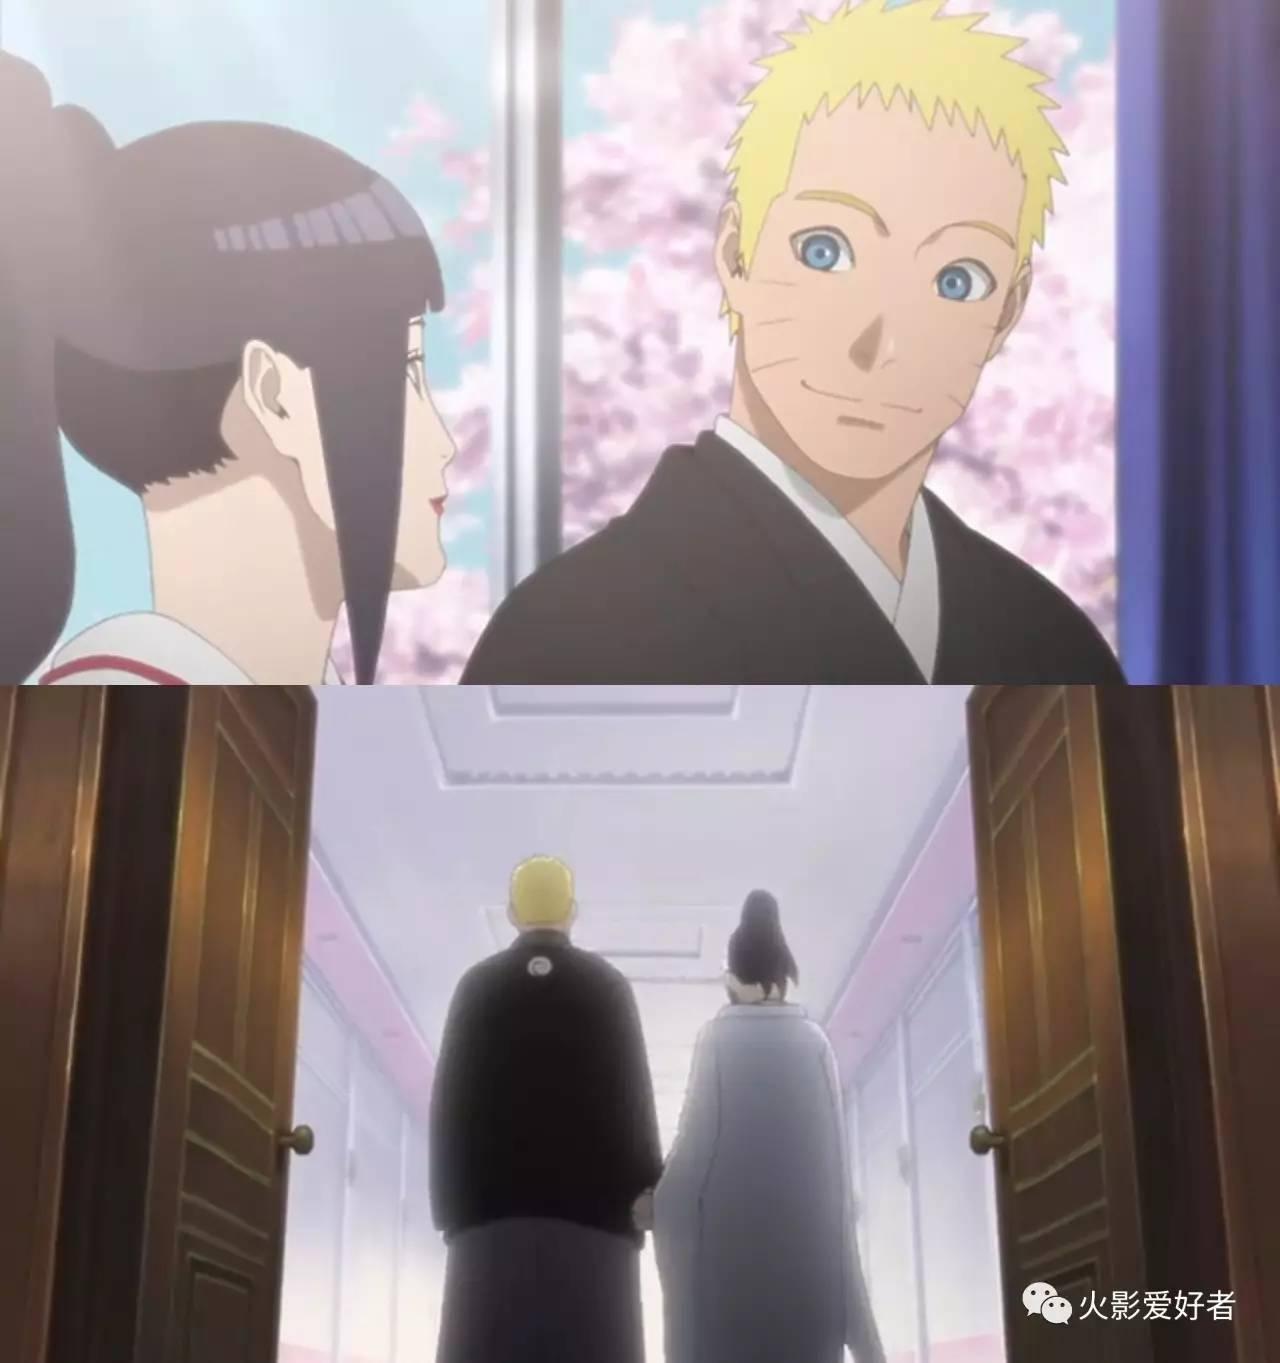 鸣人跟日向雏田结婚照_【投稿】我所认识的日向雏田